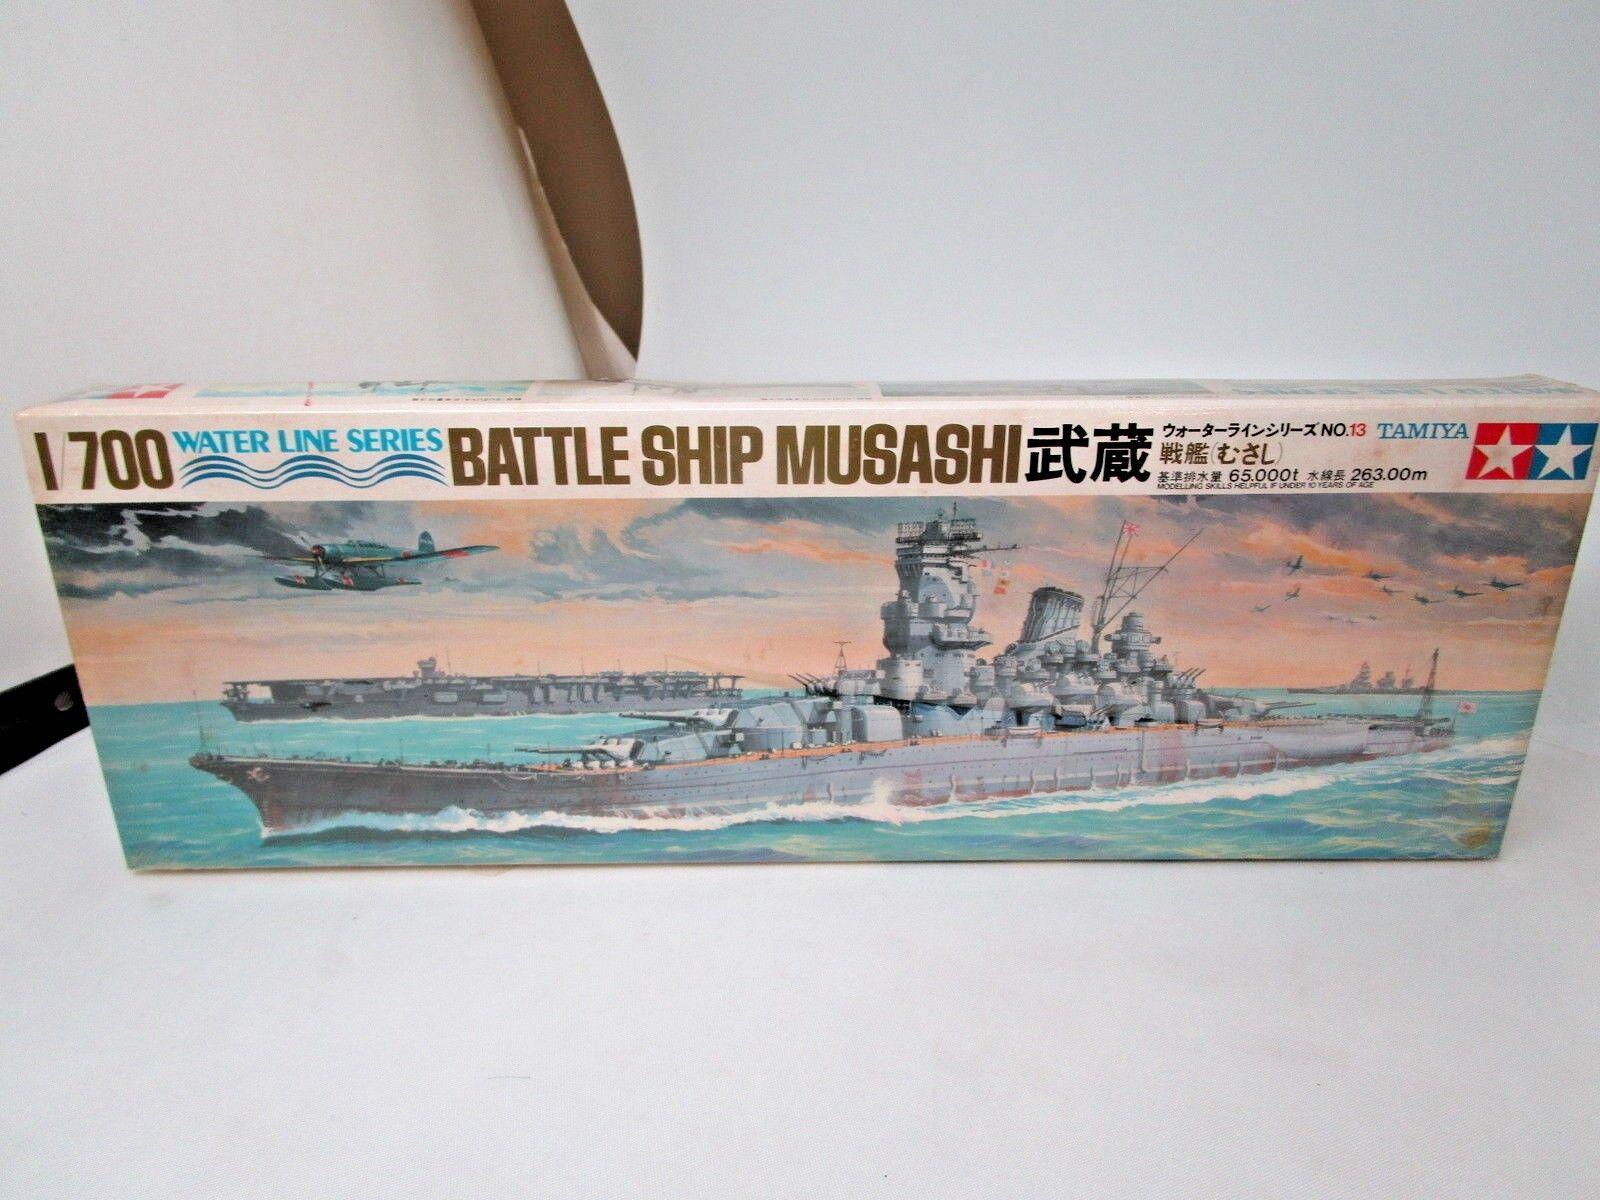 1 700 Scale Tamiya Battleship Musashi Water Line Series Unopened Sealed